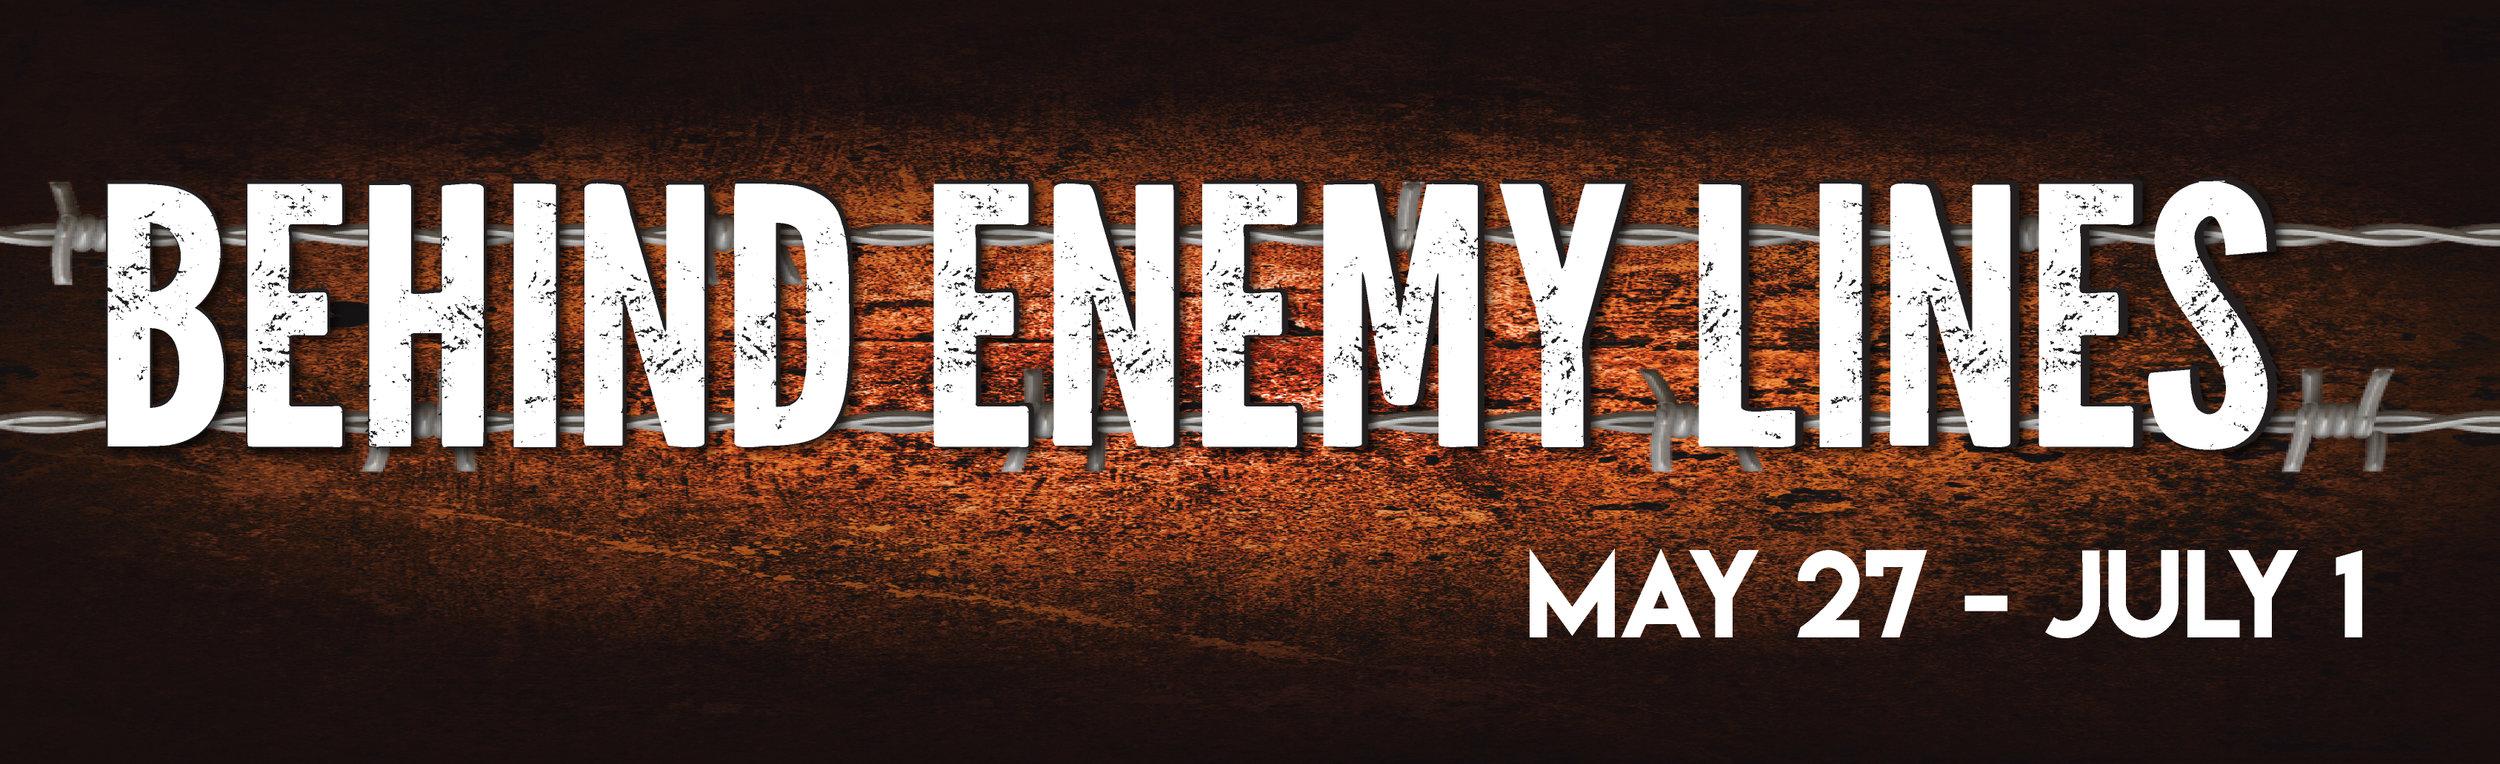 Behind-Enemy-Lines_web-banner_REVISED-DATE.jpg